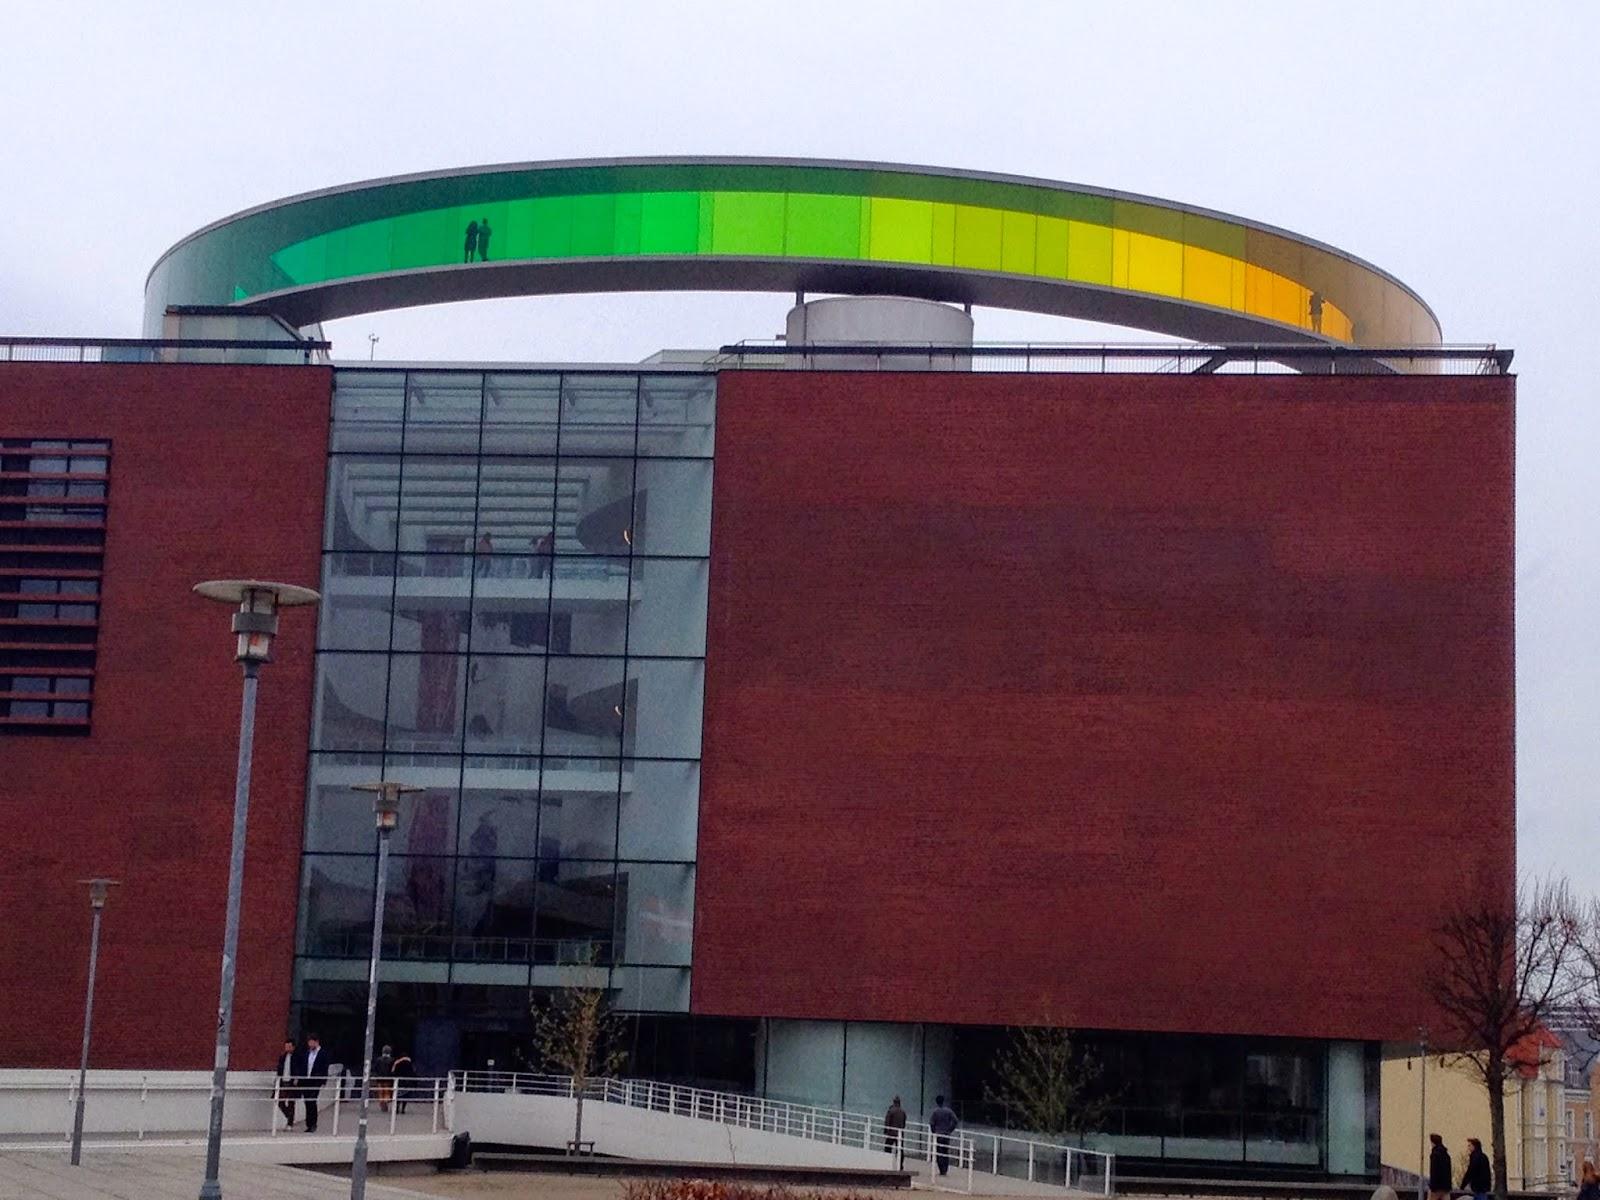 Vegg i vegg med Radisson Blu Scandinavia ligger også byens populære kunstmuseet AROS.